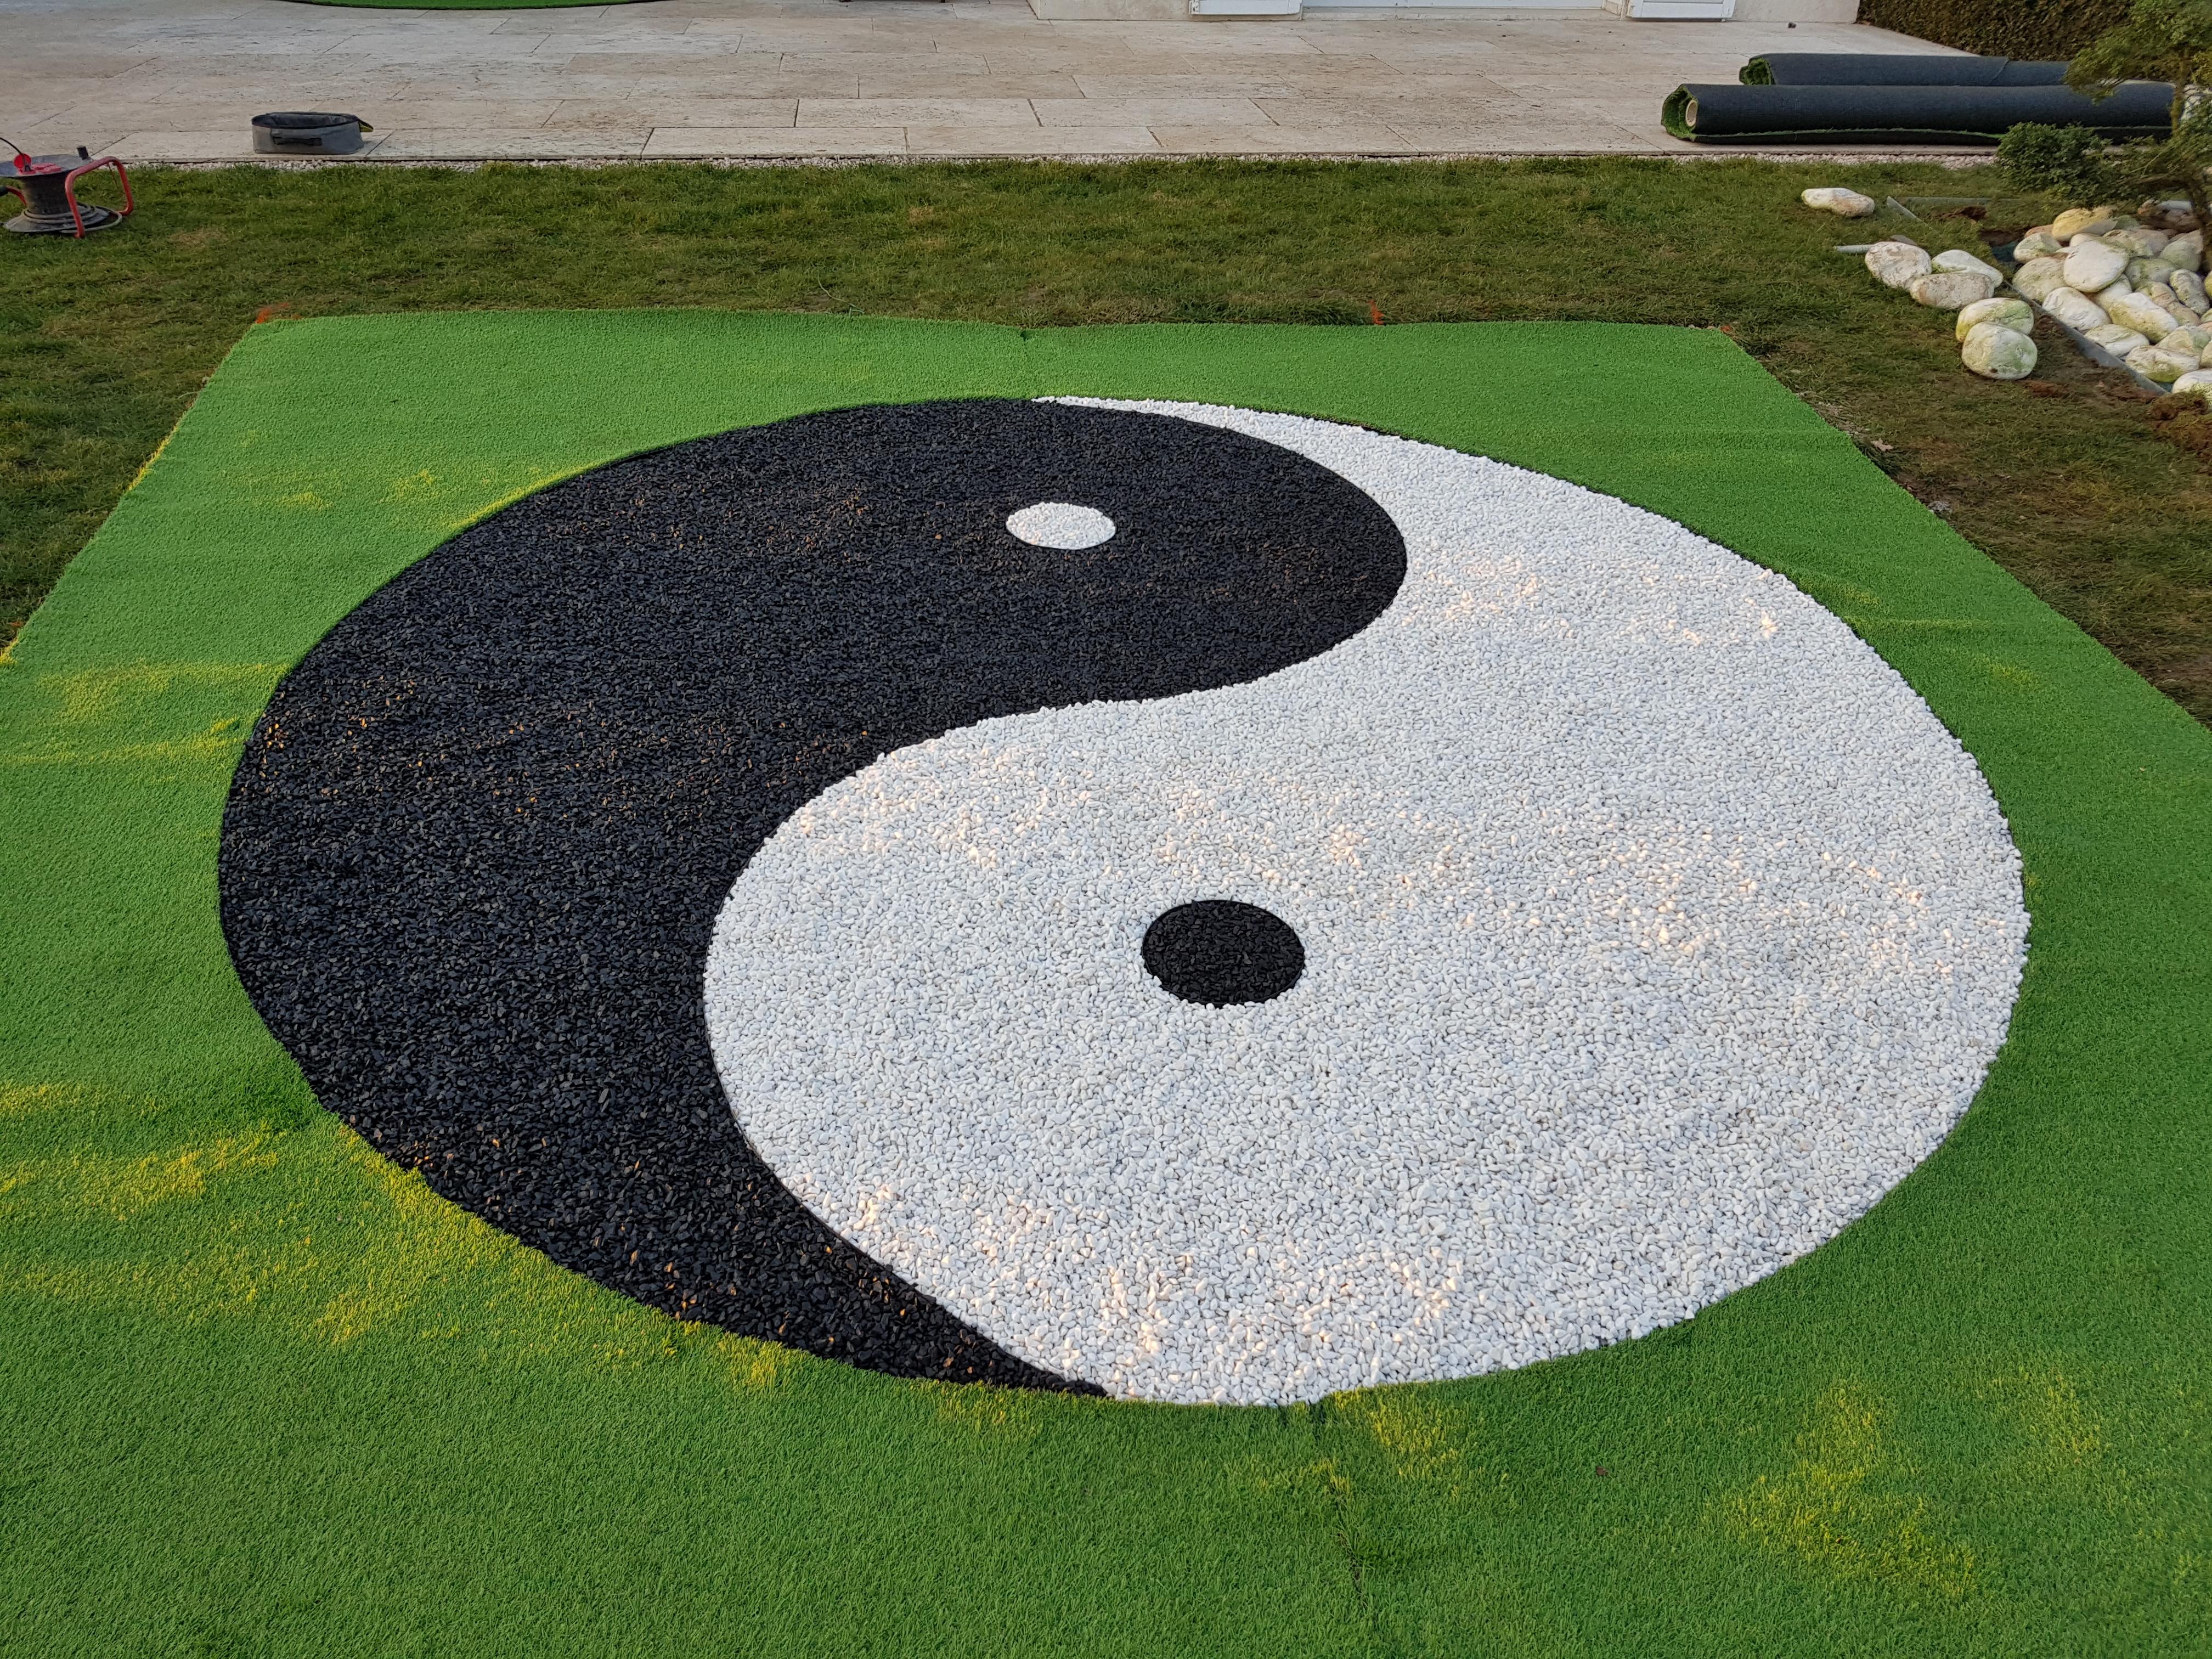 Création Yin et Yang avec gravillon blanc et noir